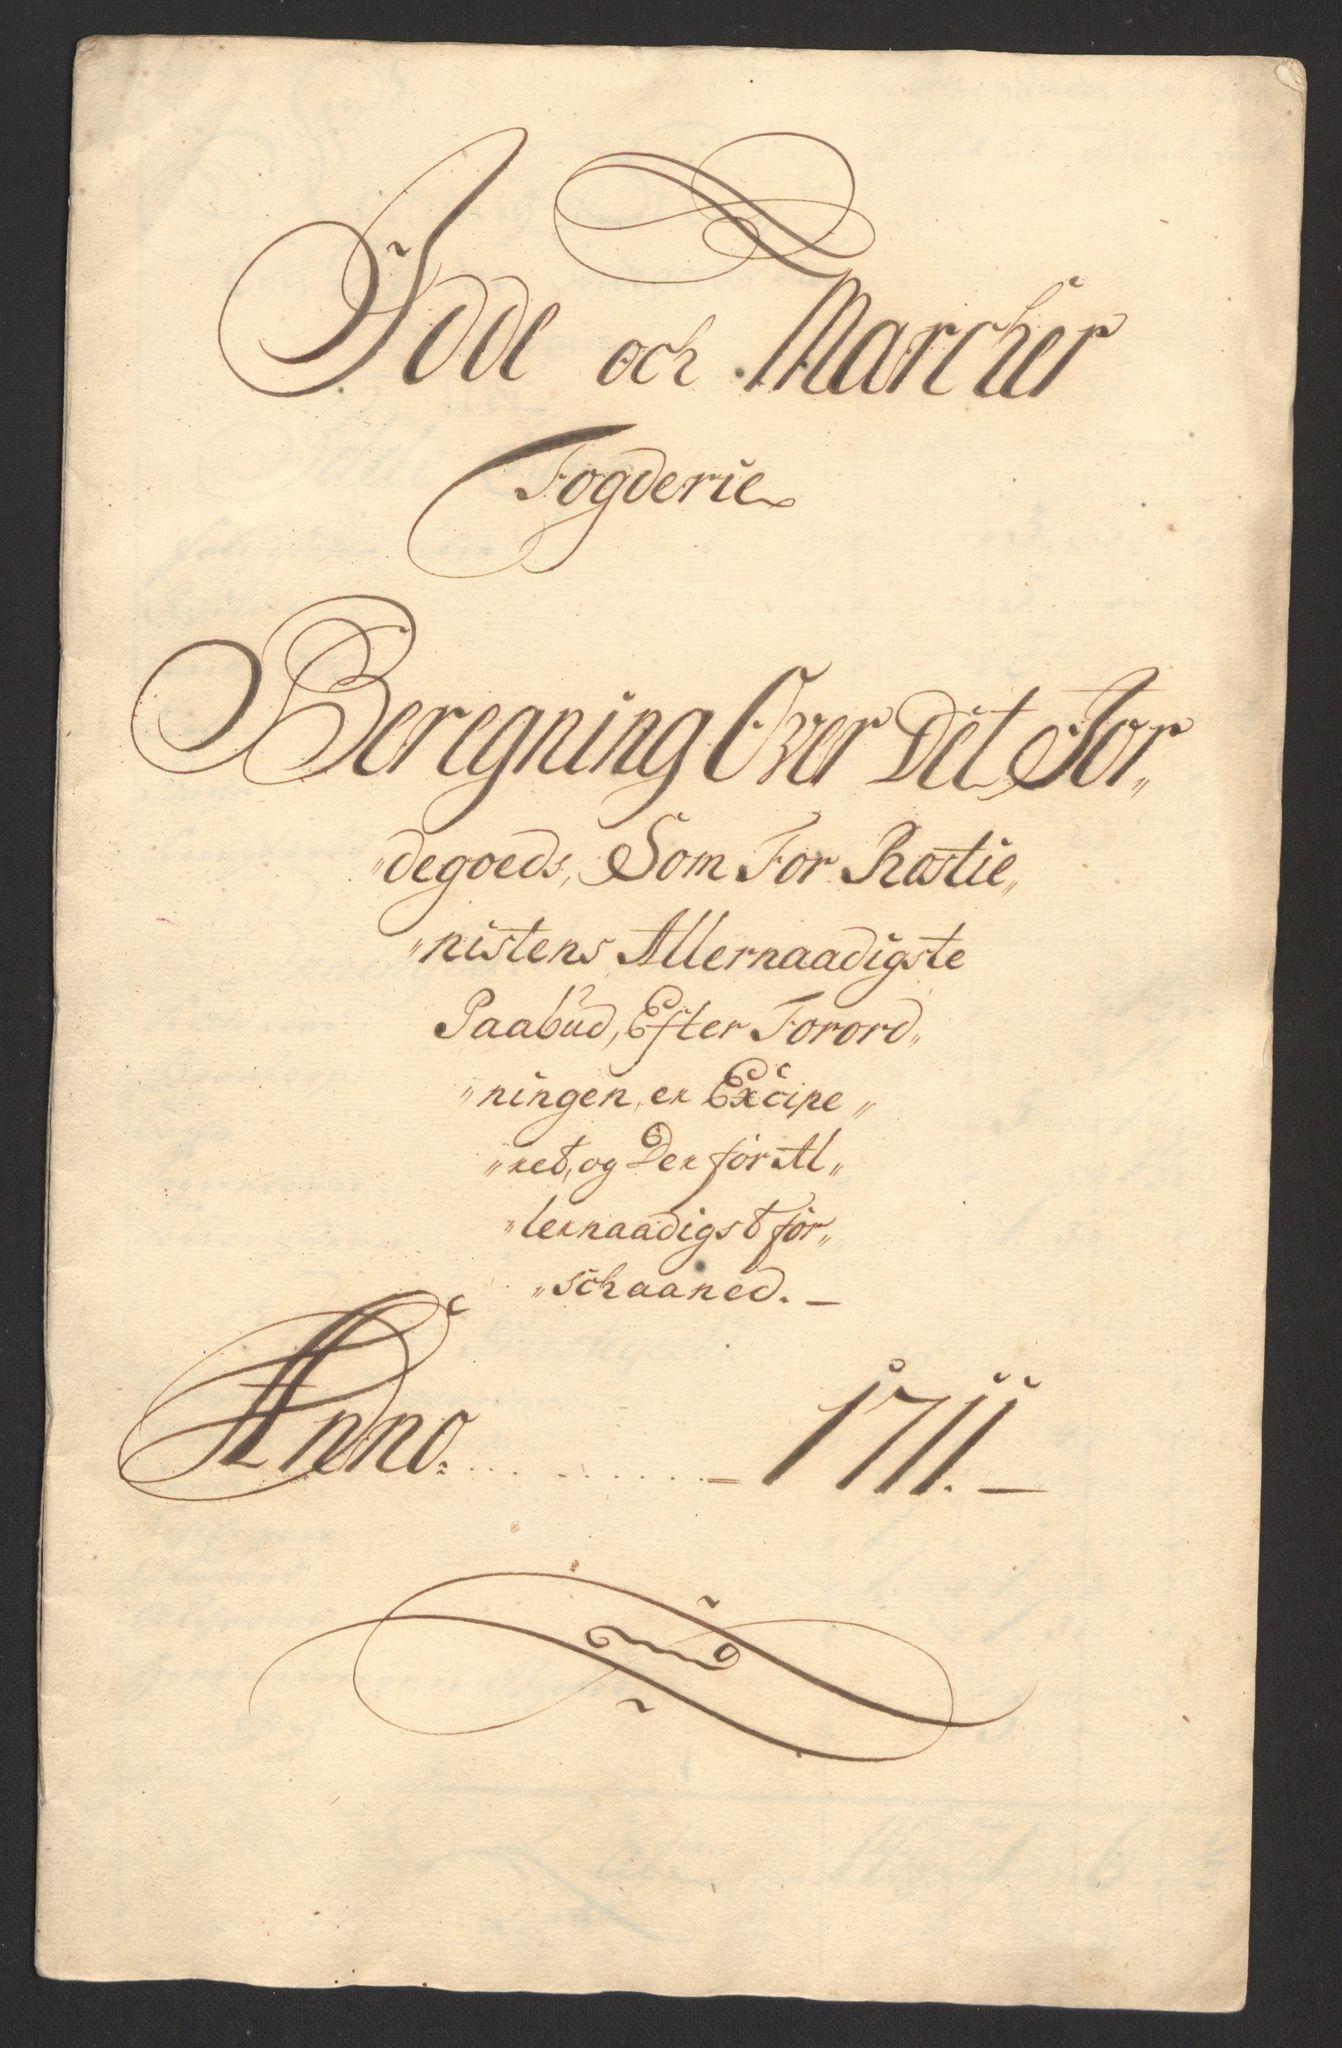 RA, Rentekammeret inntil 1814, Reviderte regnskaper, Fogderegnskap, R01/L0020: Fogderegnskap Idd og Marker, 1711, s. 144